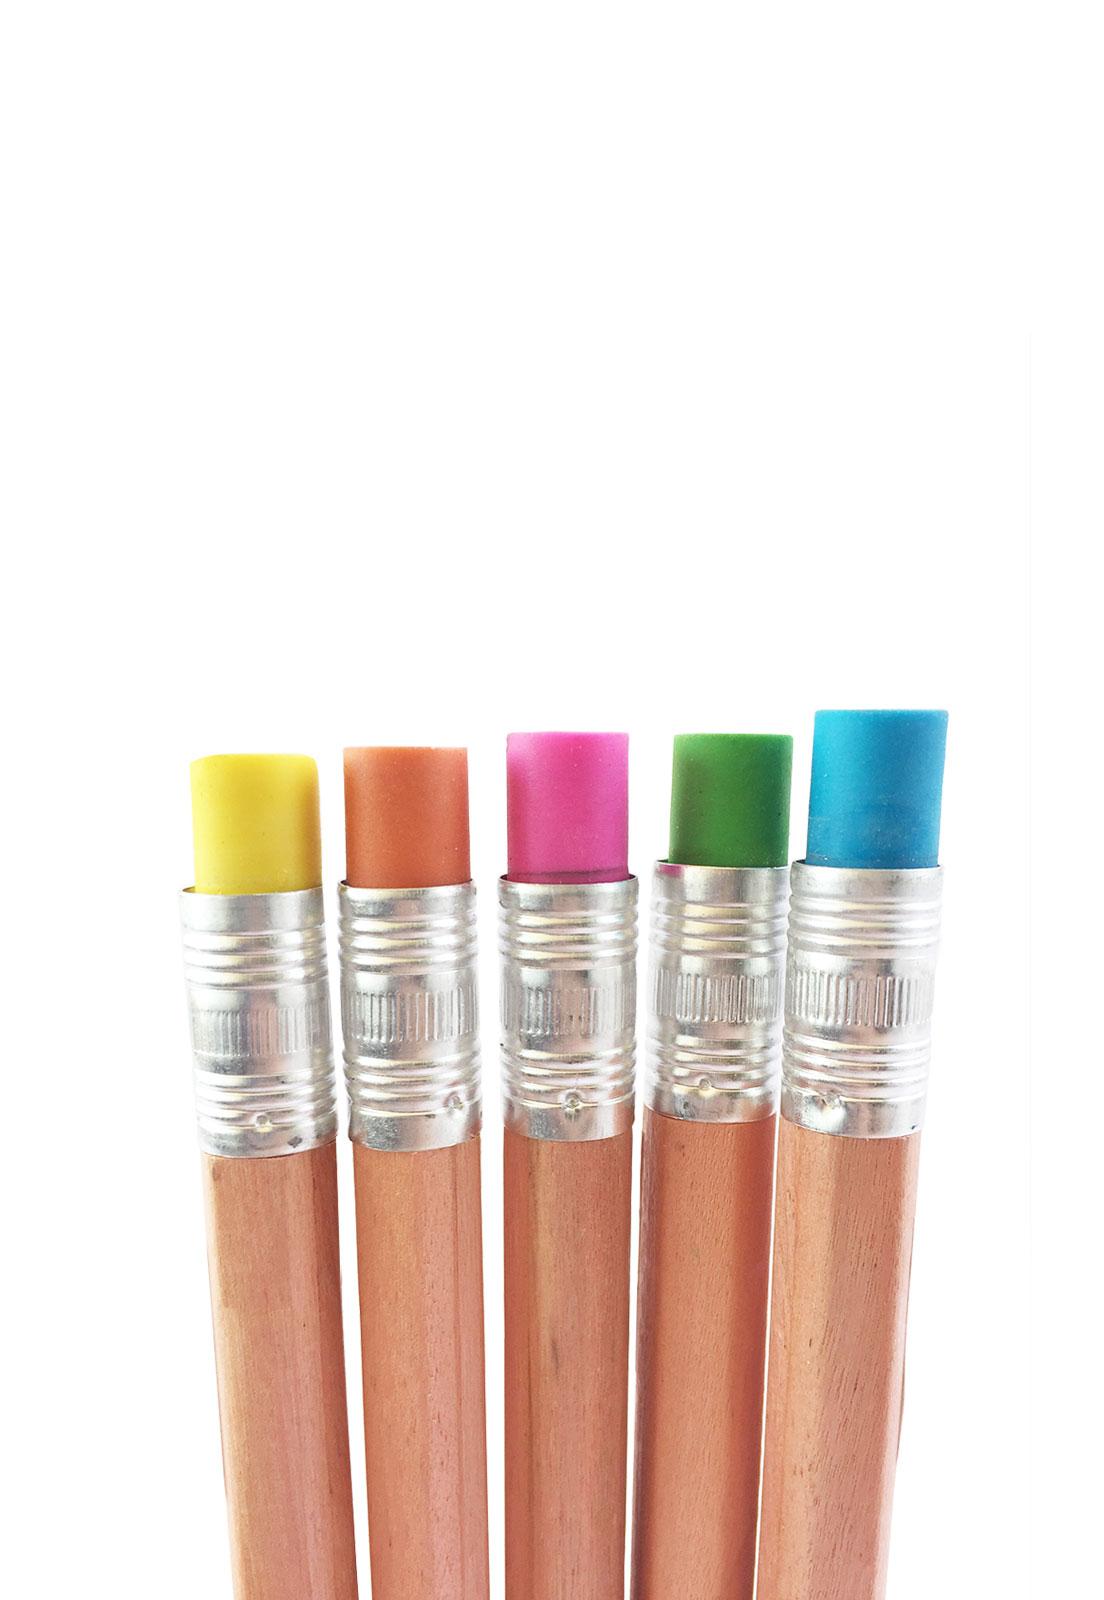 Wooden Ballpoint Pens